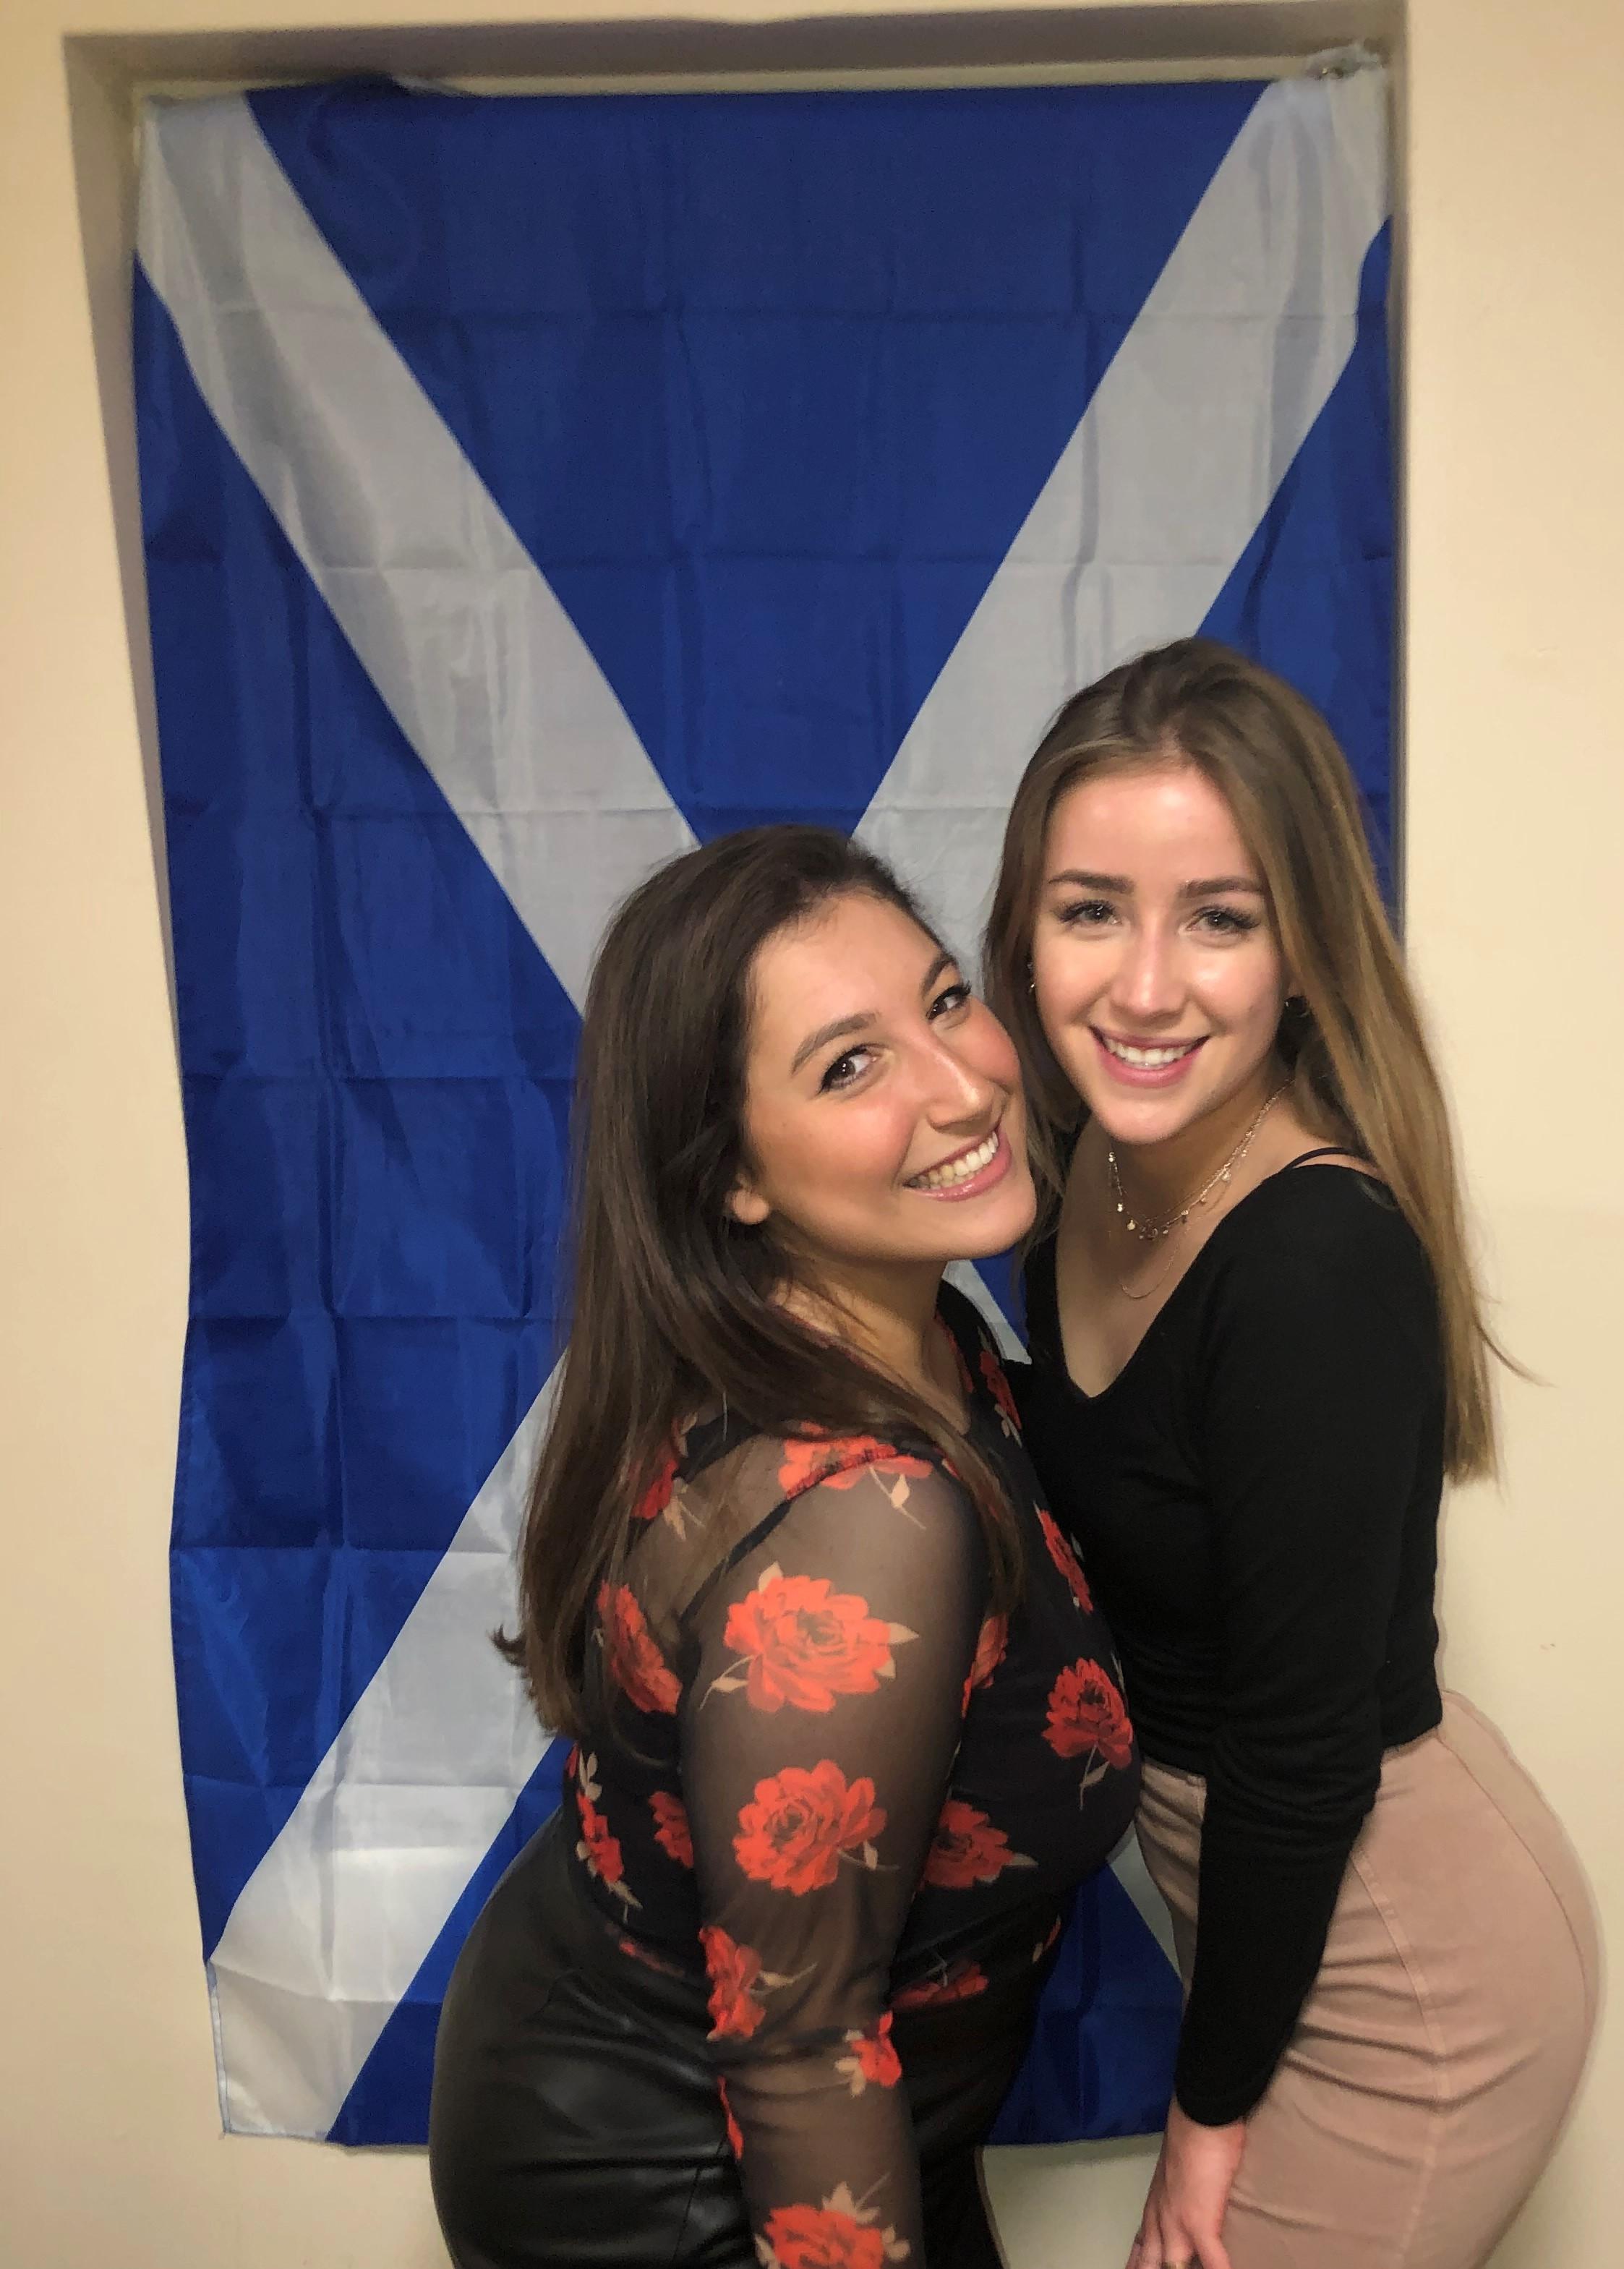 Courtney with friend